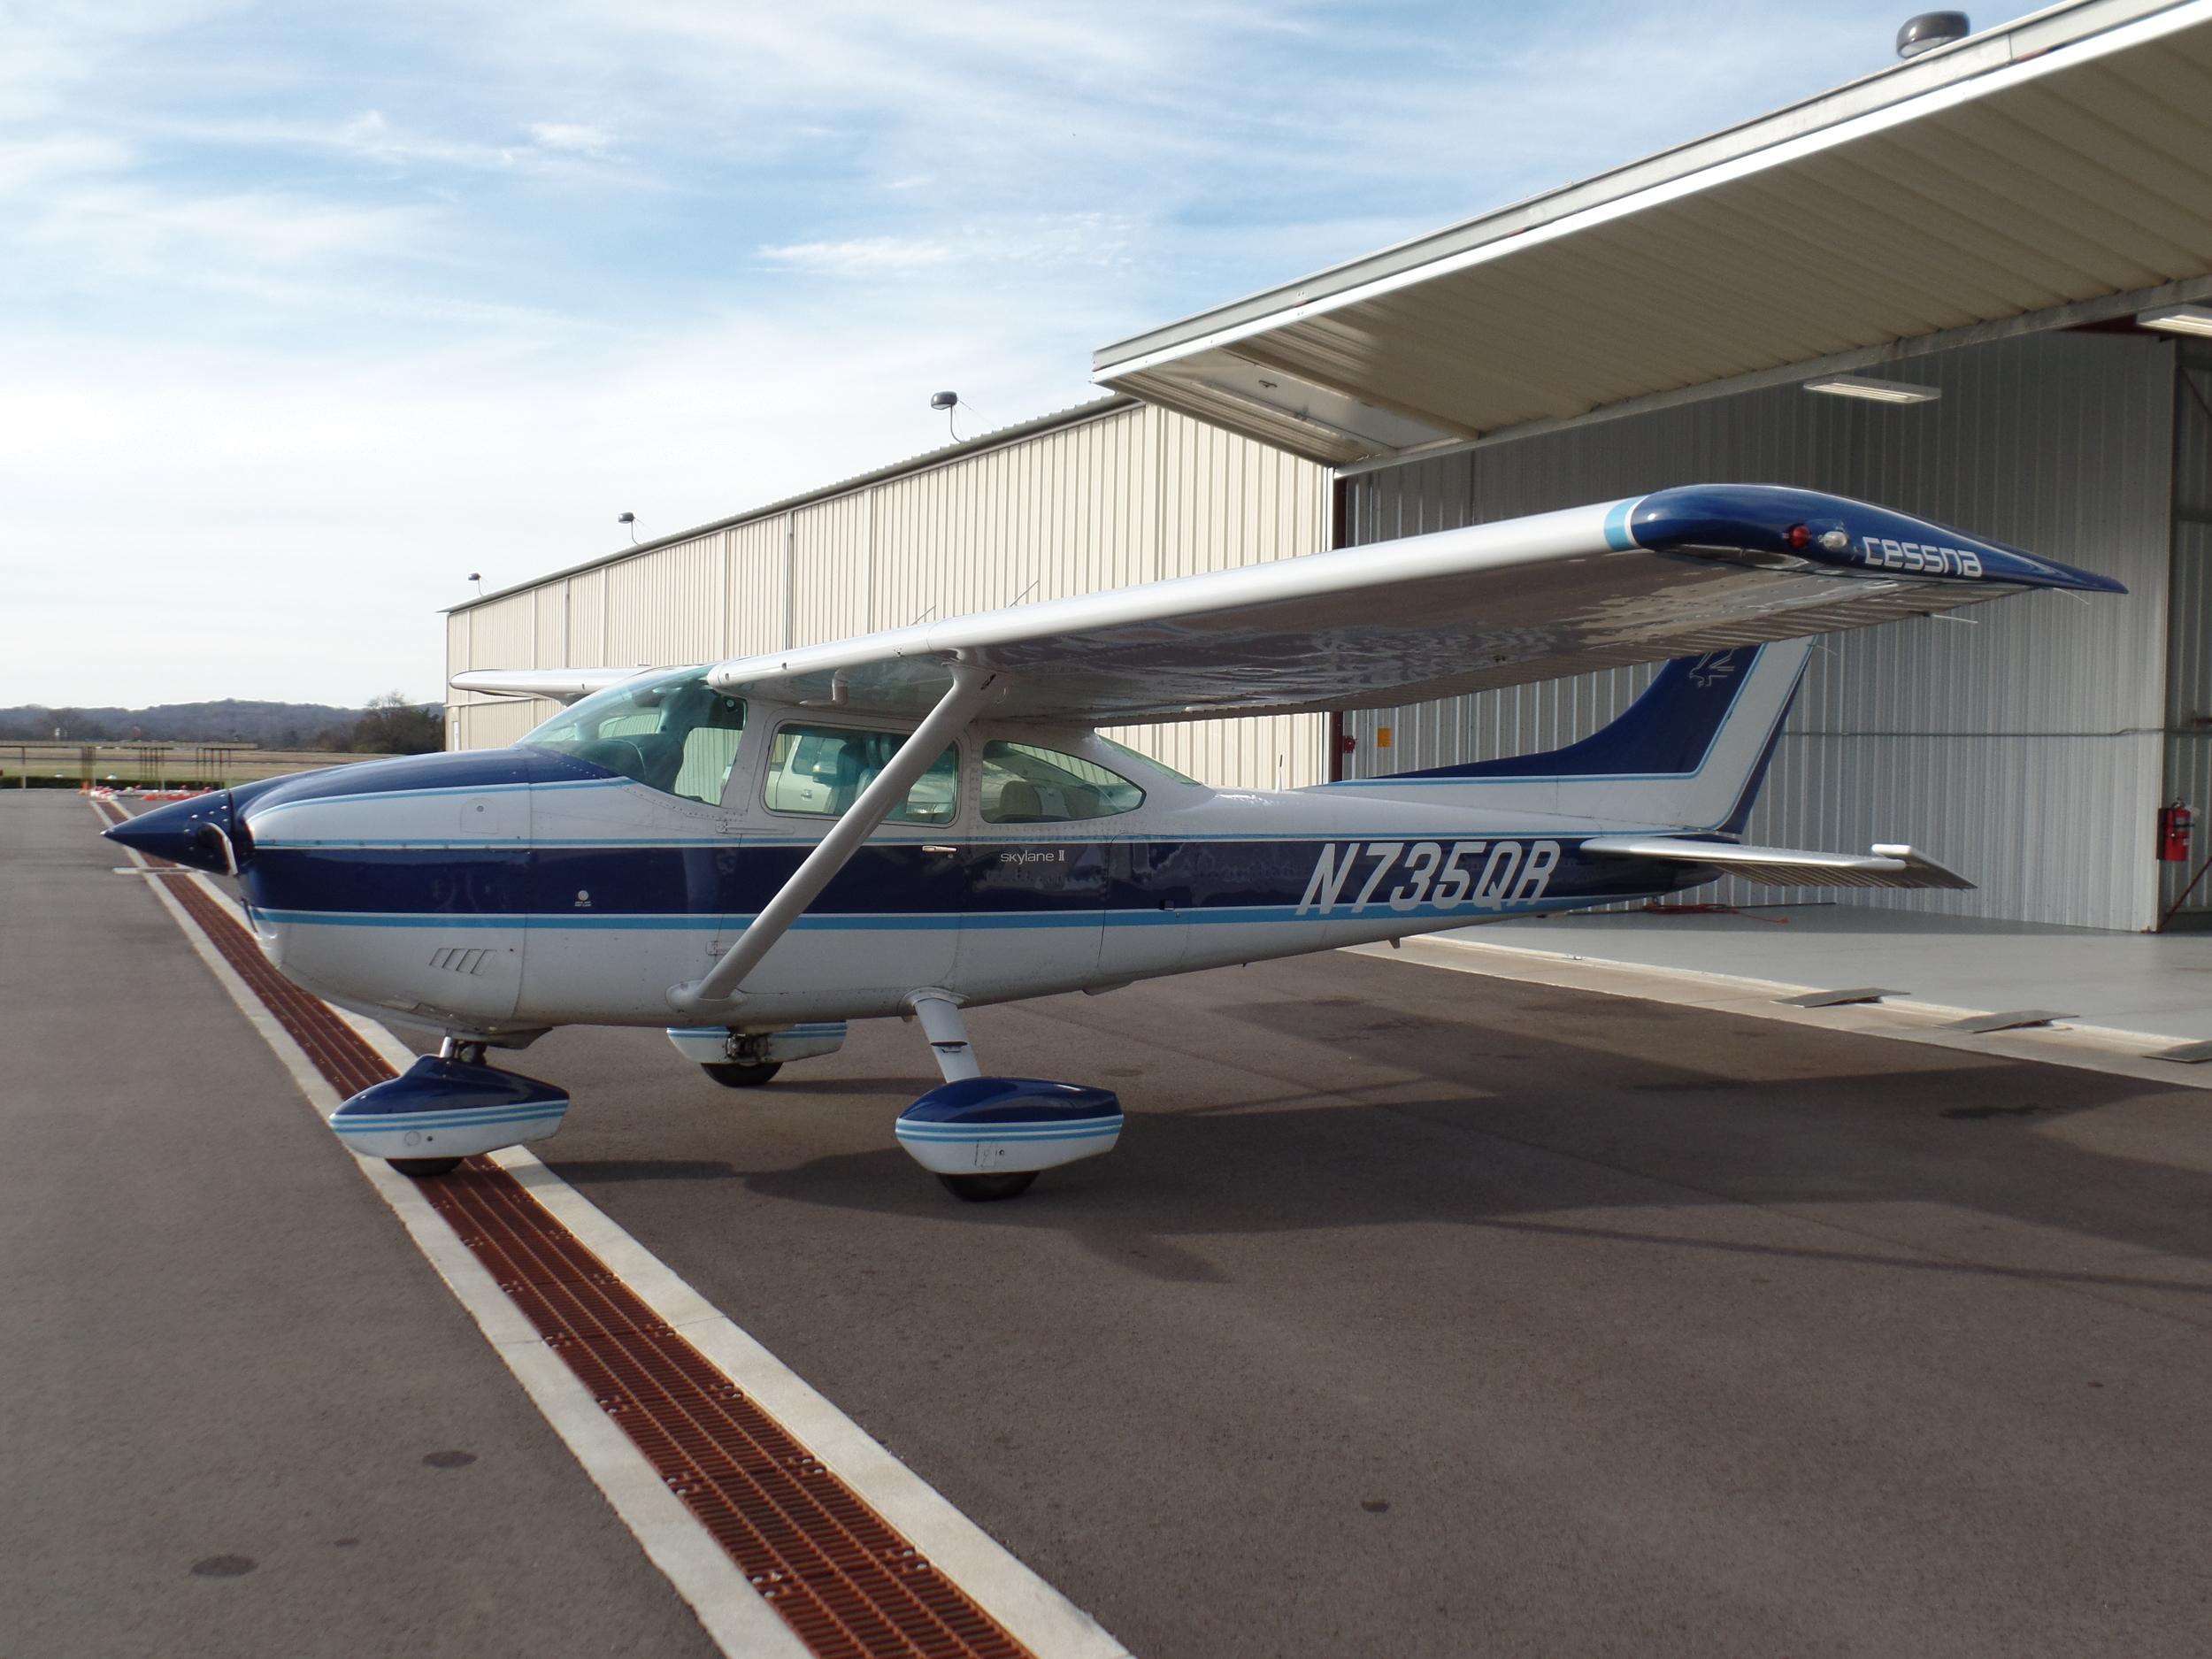 N735QR-1.JPG